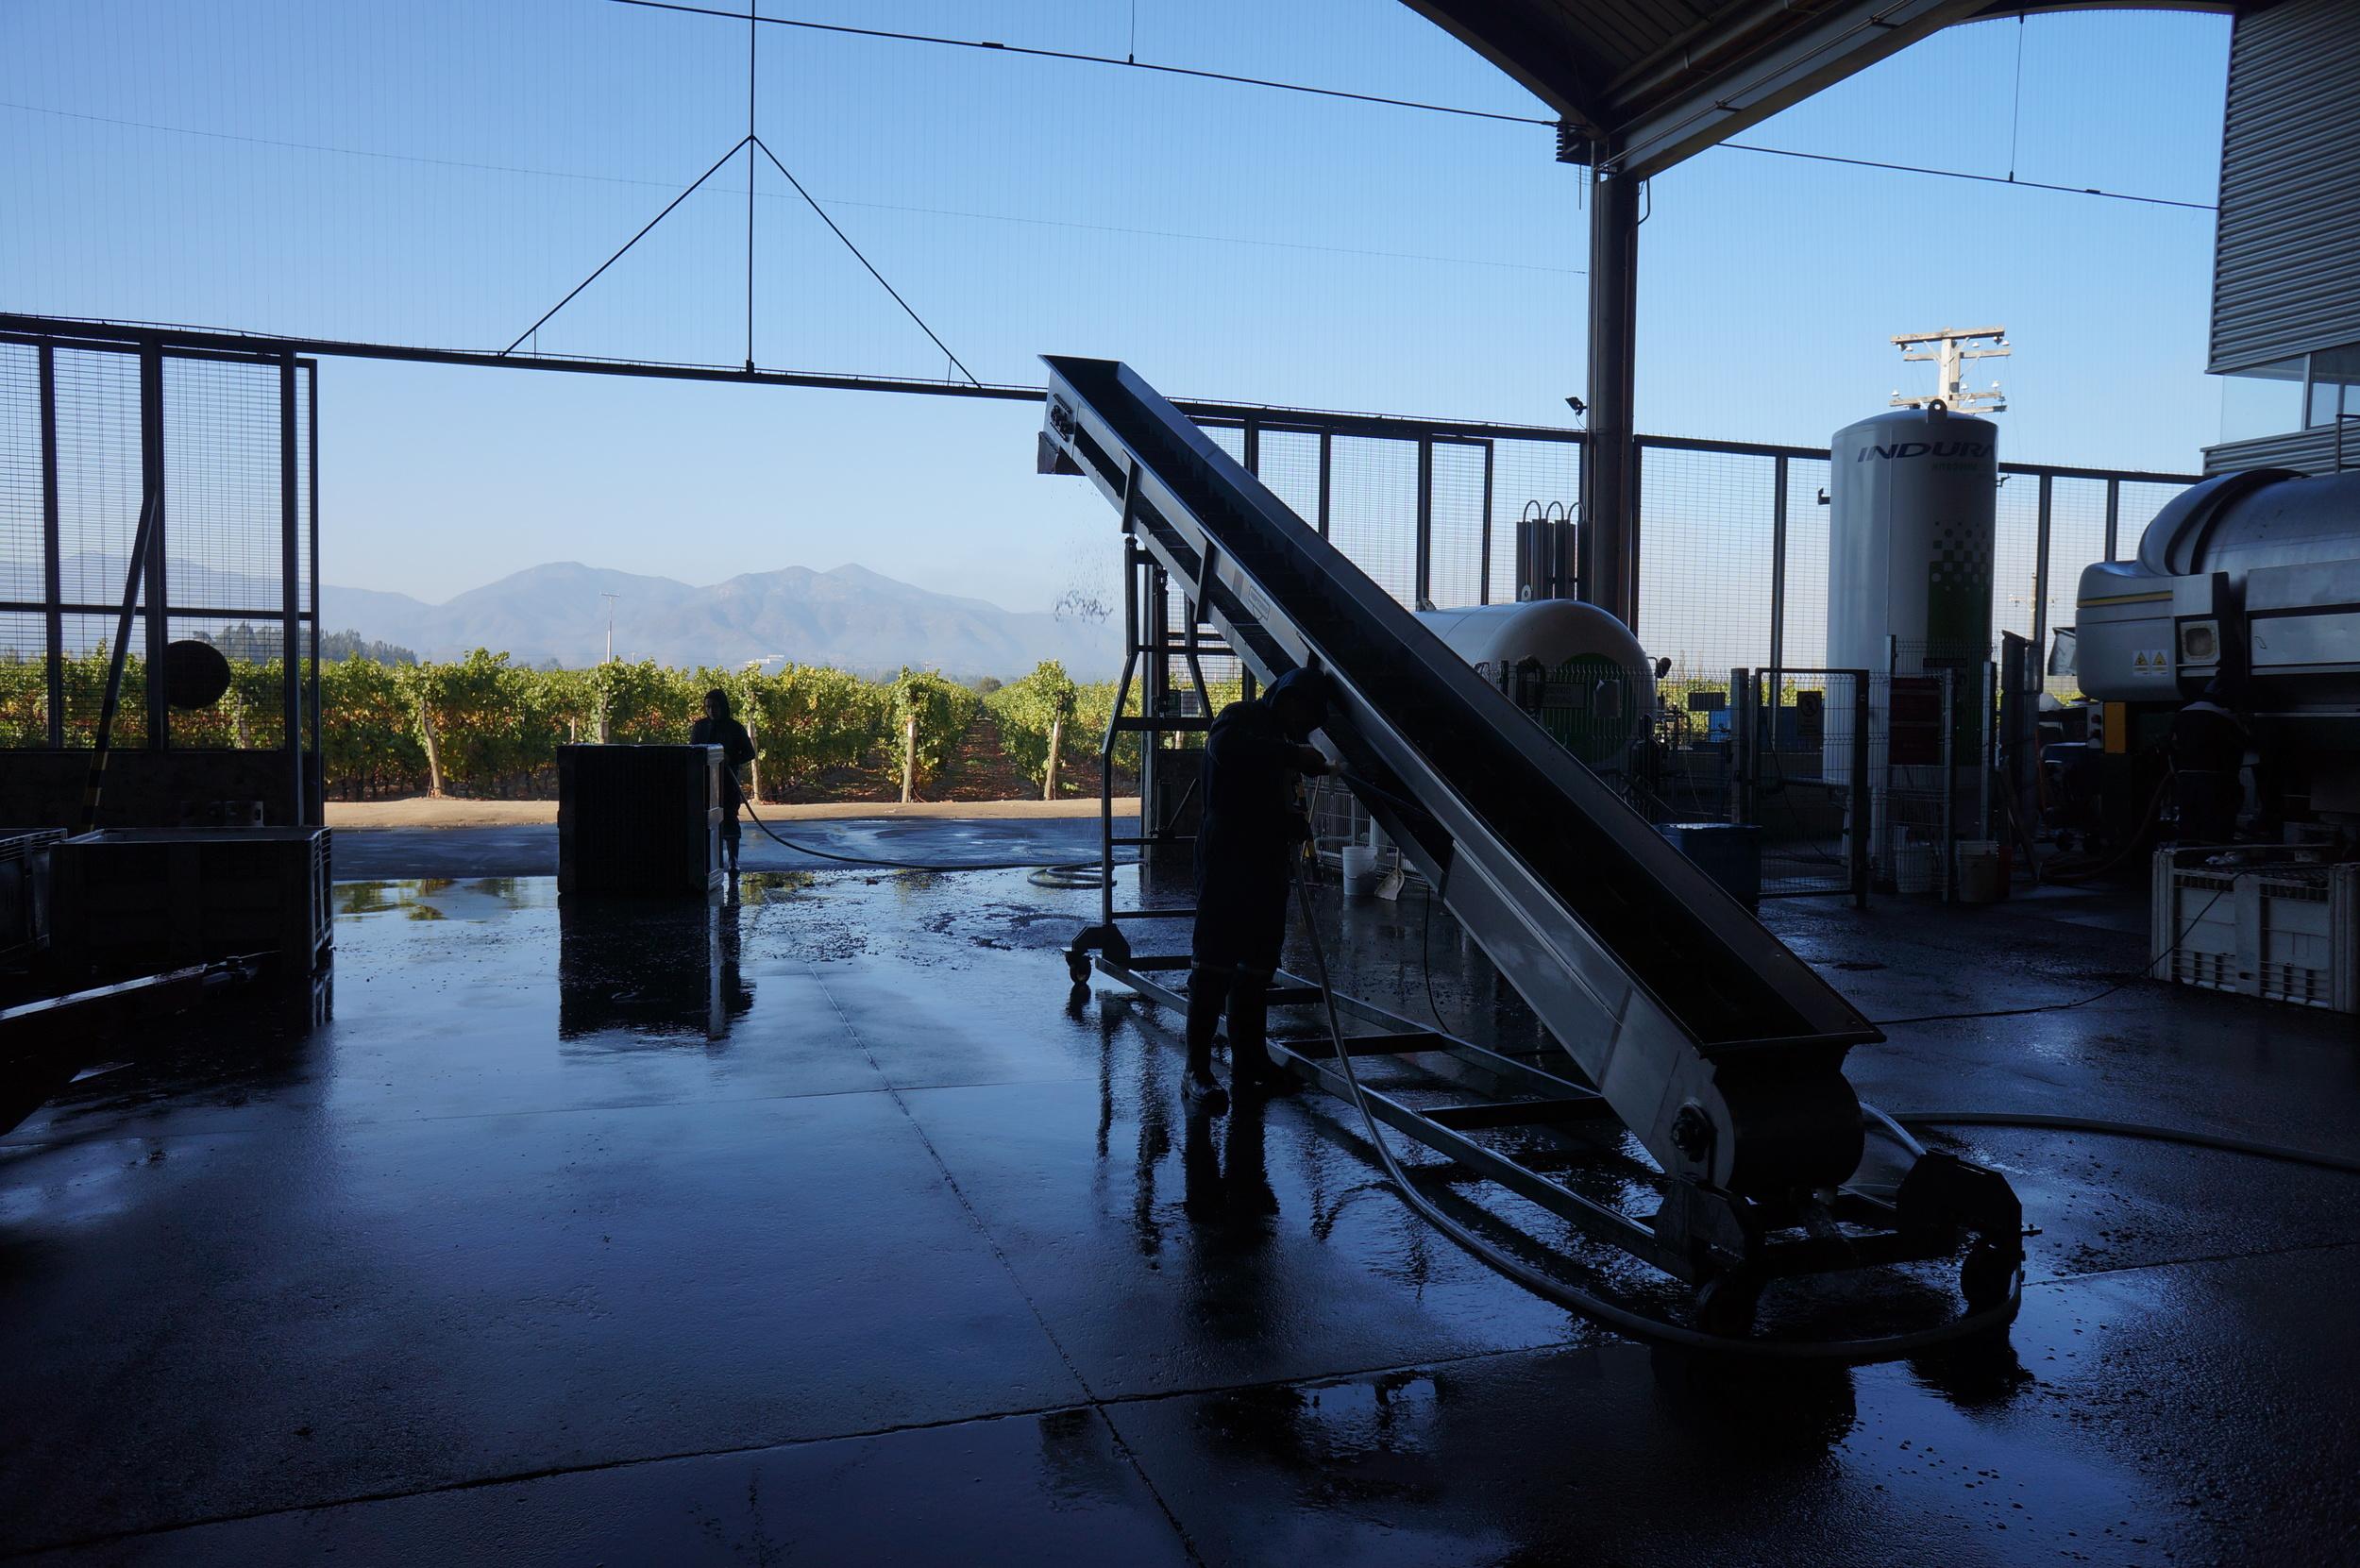 Aquí llegan las uvas una vez vendimiadas, la proximidad entre cultivos y bodega permite un proceso muy fluido.